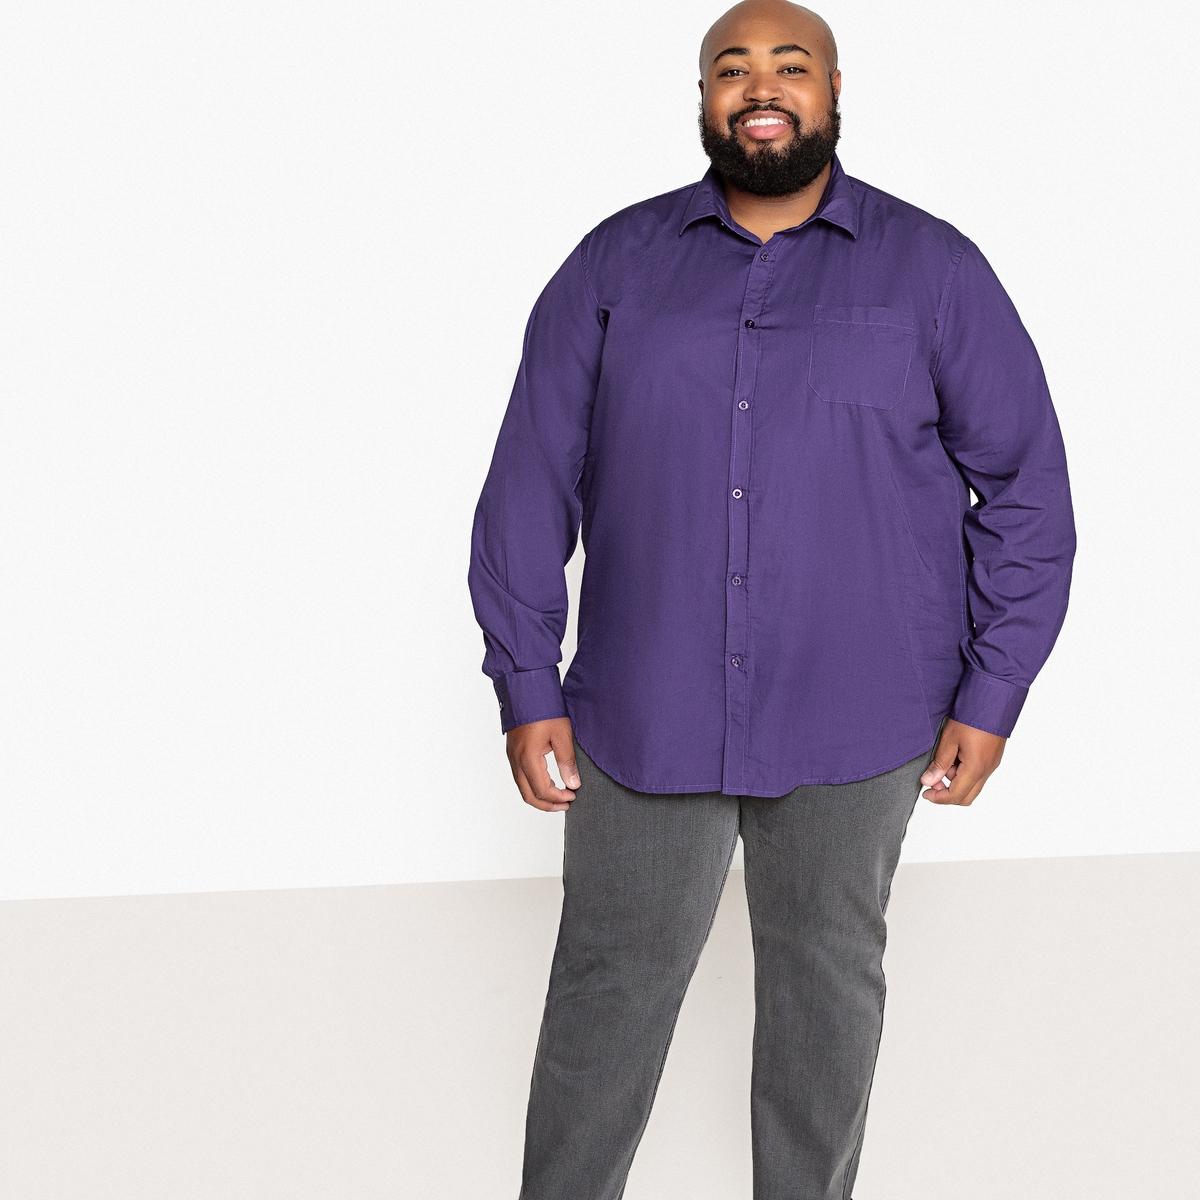 Рубашка La Redoute Однотонная с длинными рукавами из коллекции больших размеров 49/50 фиолетовый